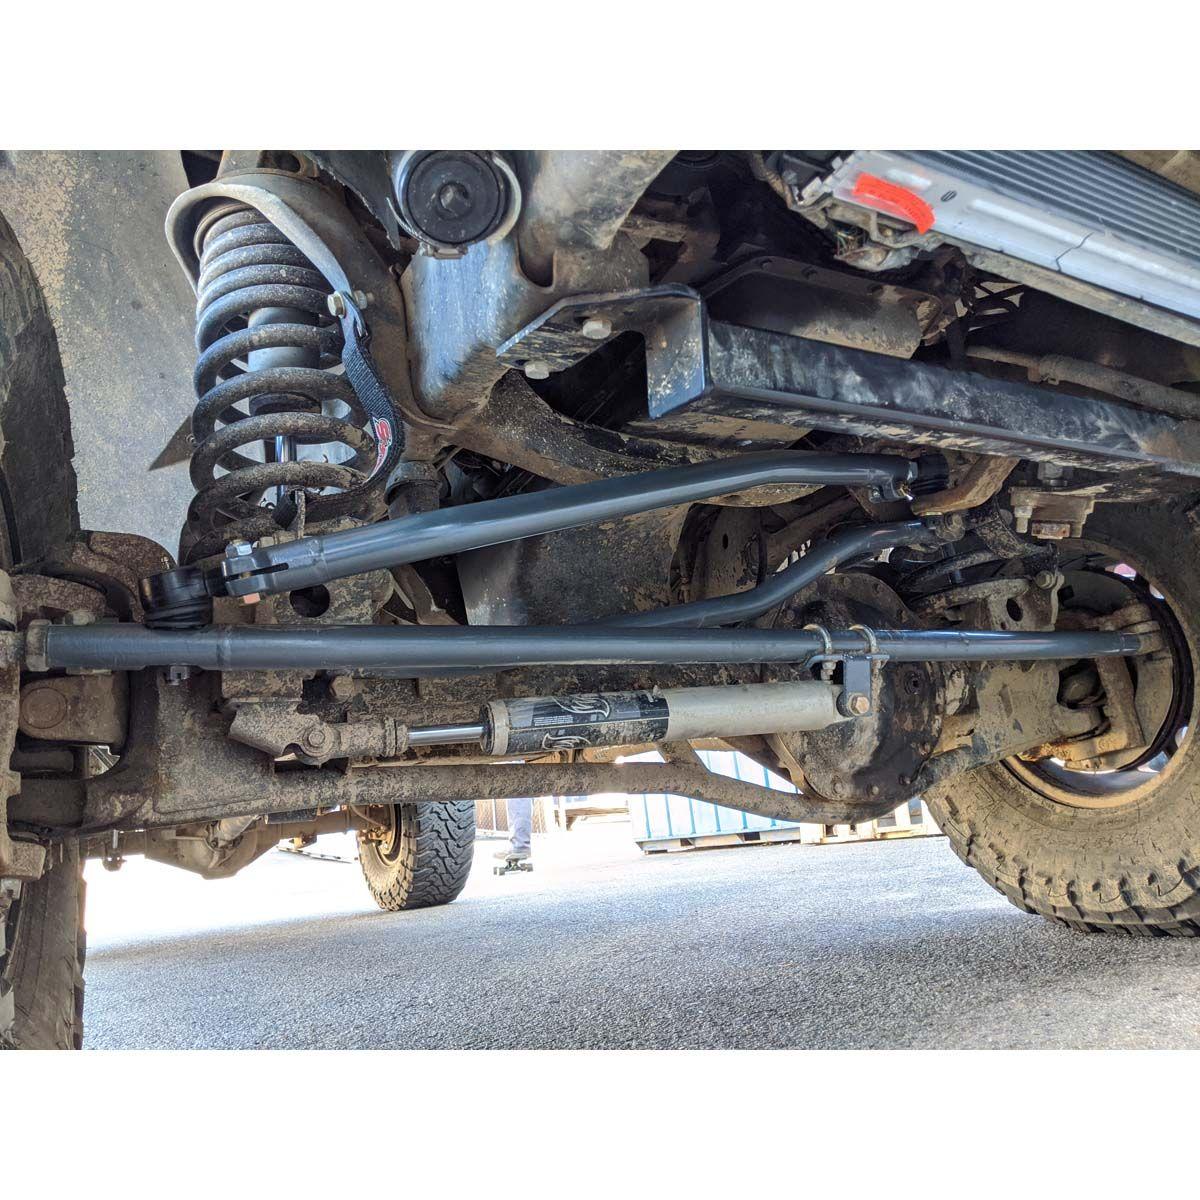 Front End Rebuild Kit For Dodge Ram 2500 4x4 Dodge Ram 2500 Ram 2500 Dodge Ram